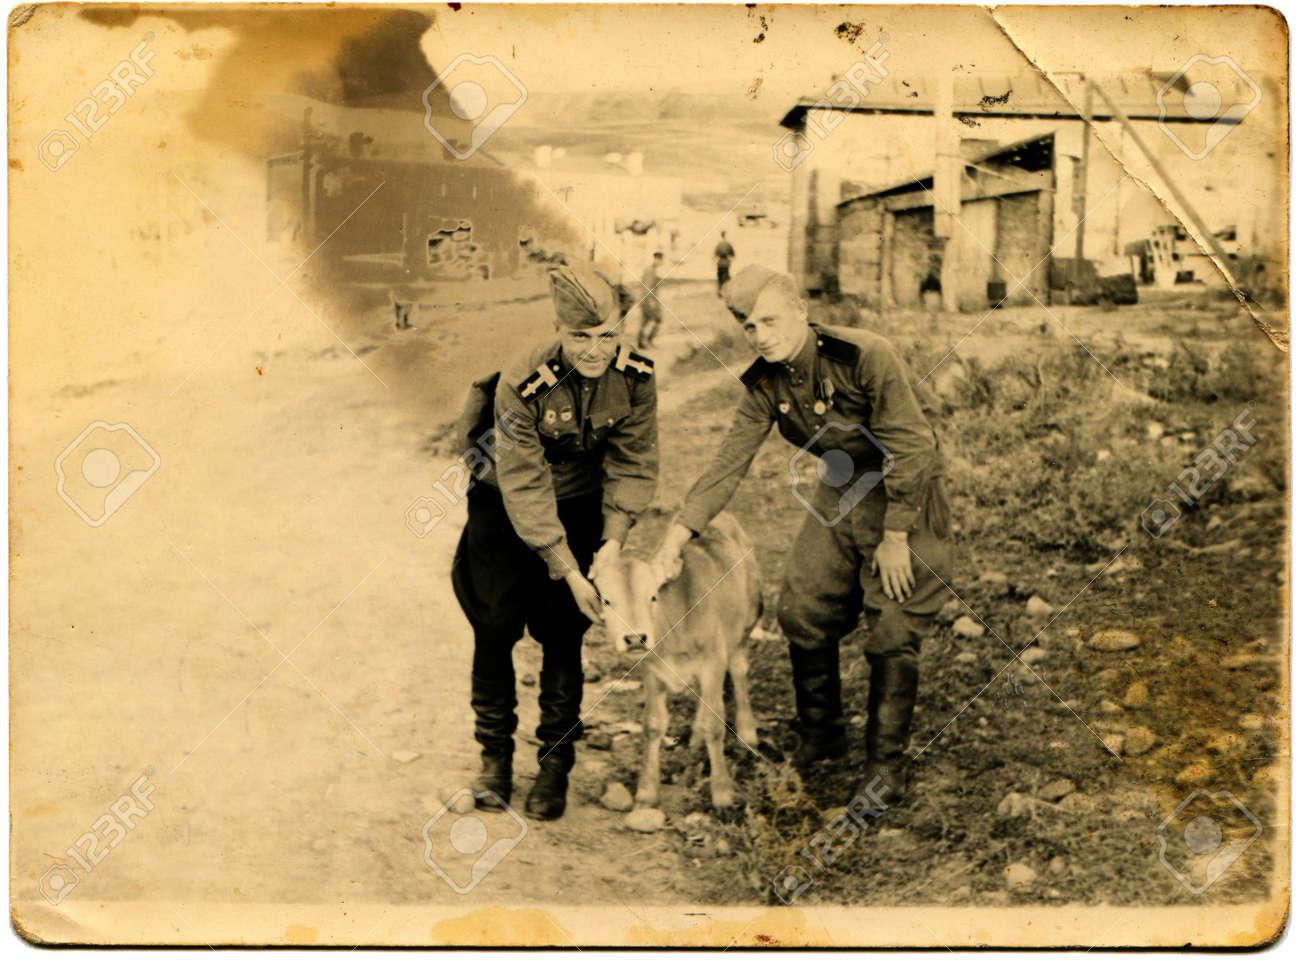 ソビエト連邦の軍曹とソ連軍の兵士を撫で 1949年年頃ふくらはぎ ...